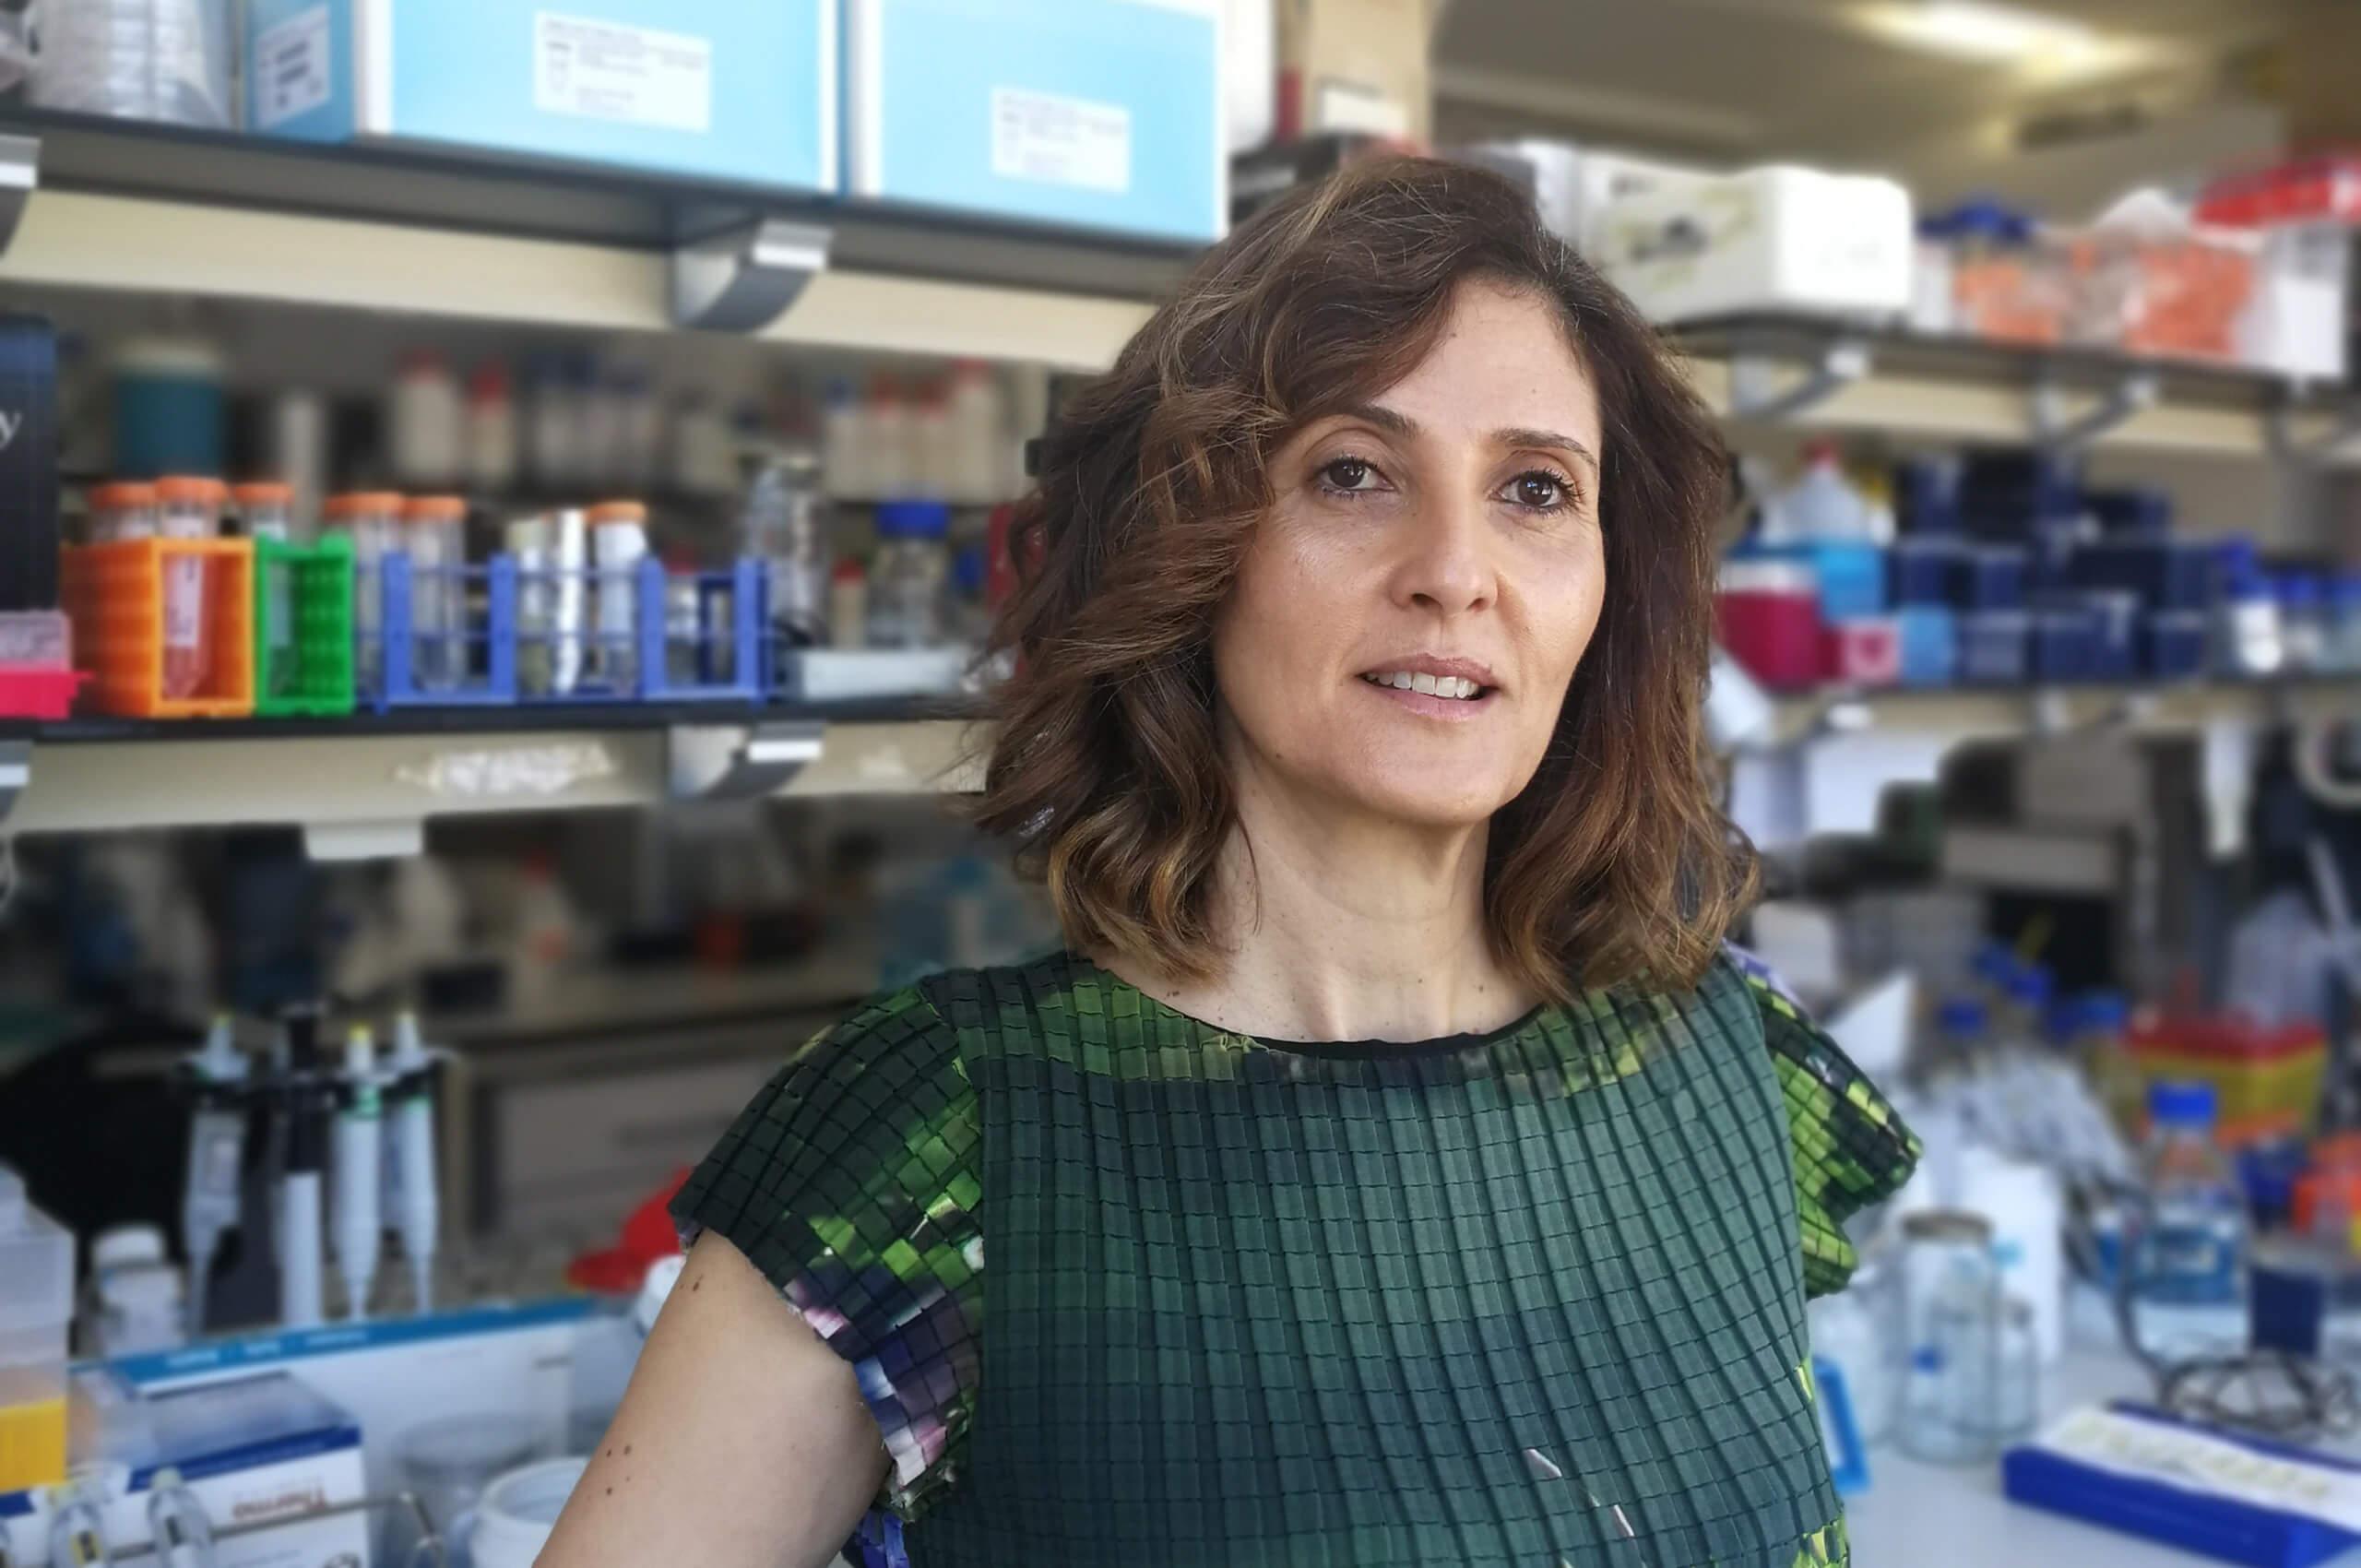 Maria Leonor Tavares Saúde - Prémio Melo e Castro 2020